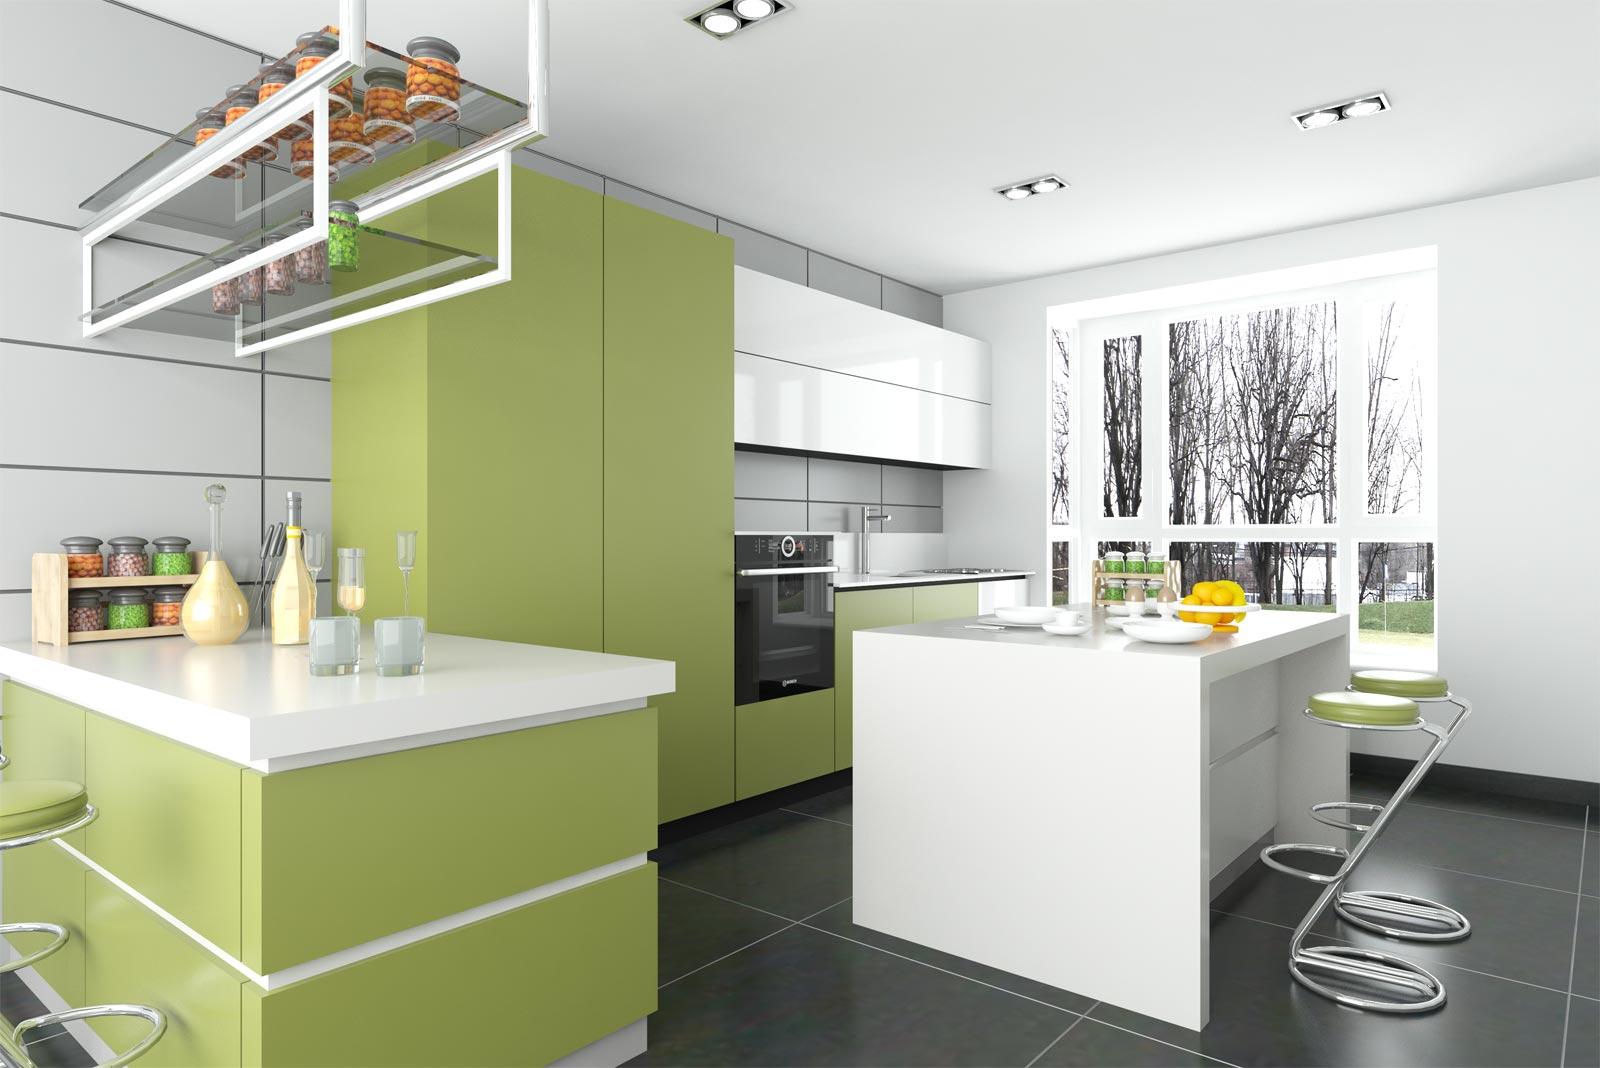 Quante volte avresti voluto cambiare colore alla cucina, ma non hai potuto? Ora puoi! Scopri come!